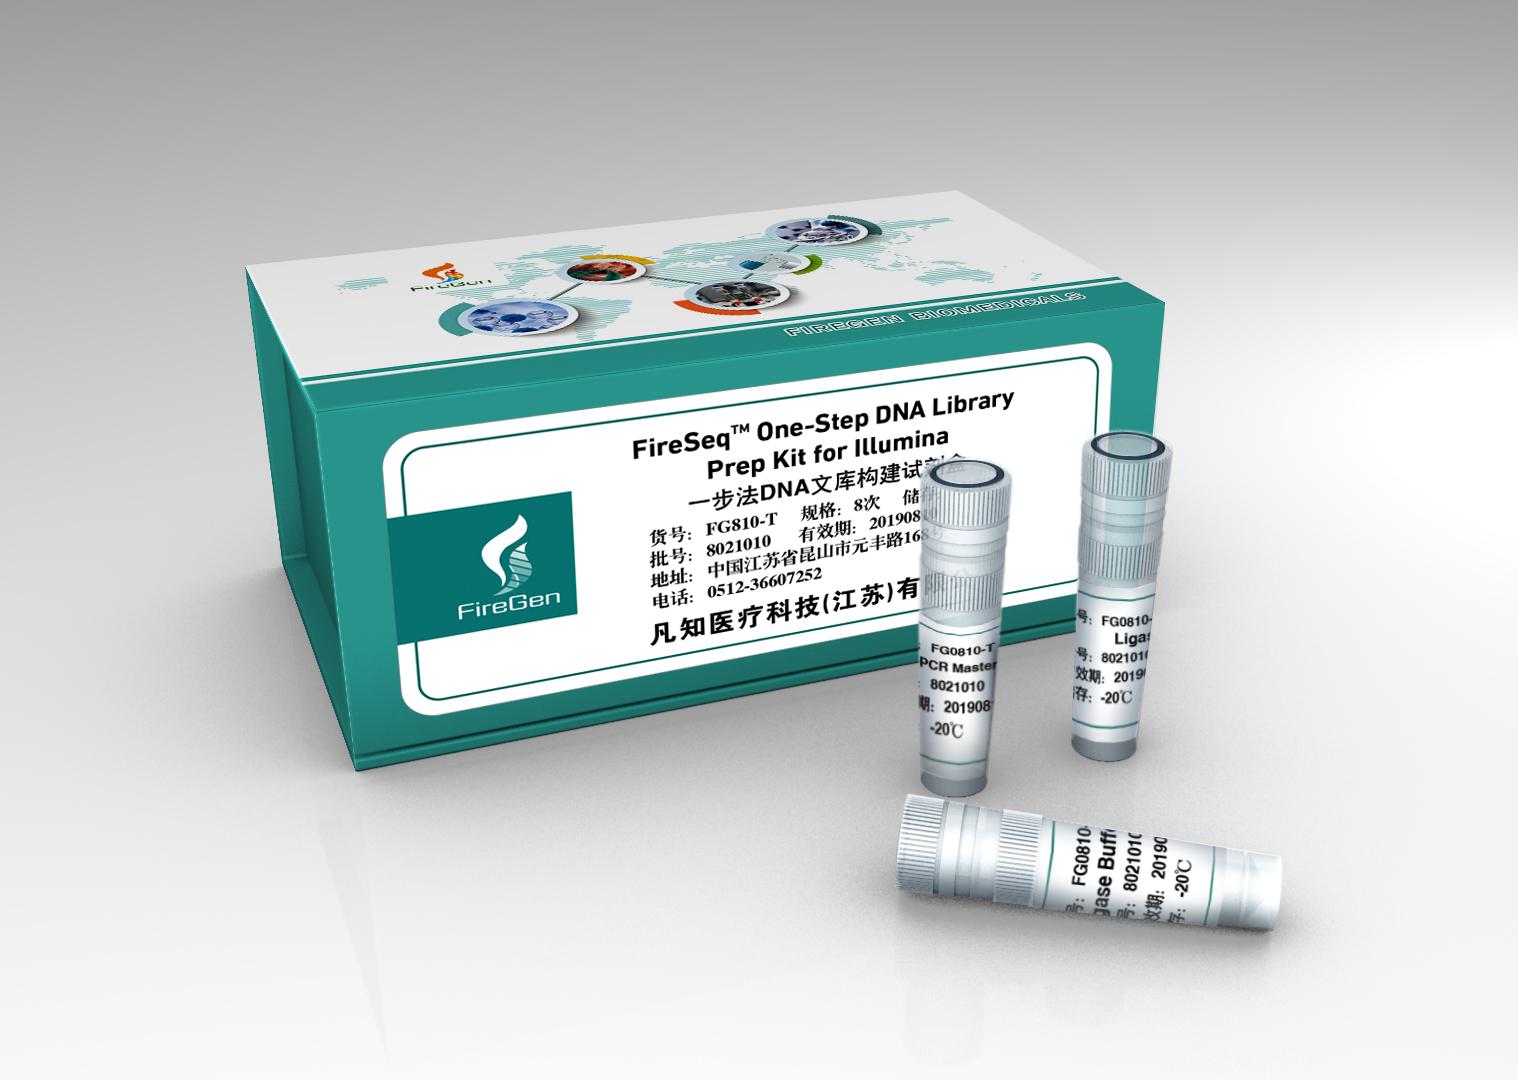 一步法DNA文库构建试剂盒(含短序列接头试剂盒)